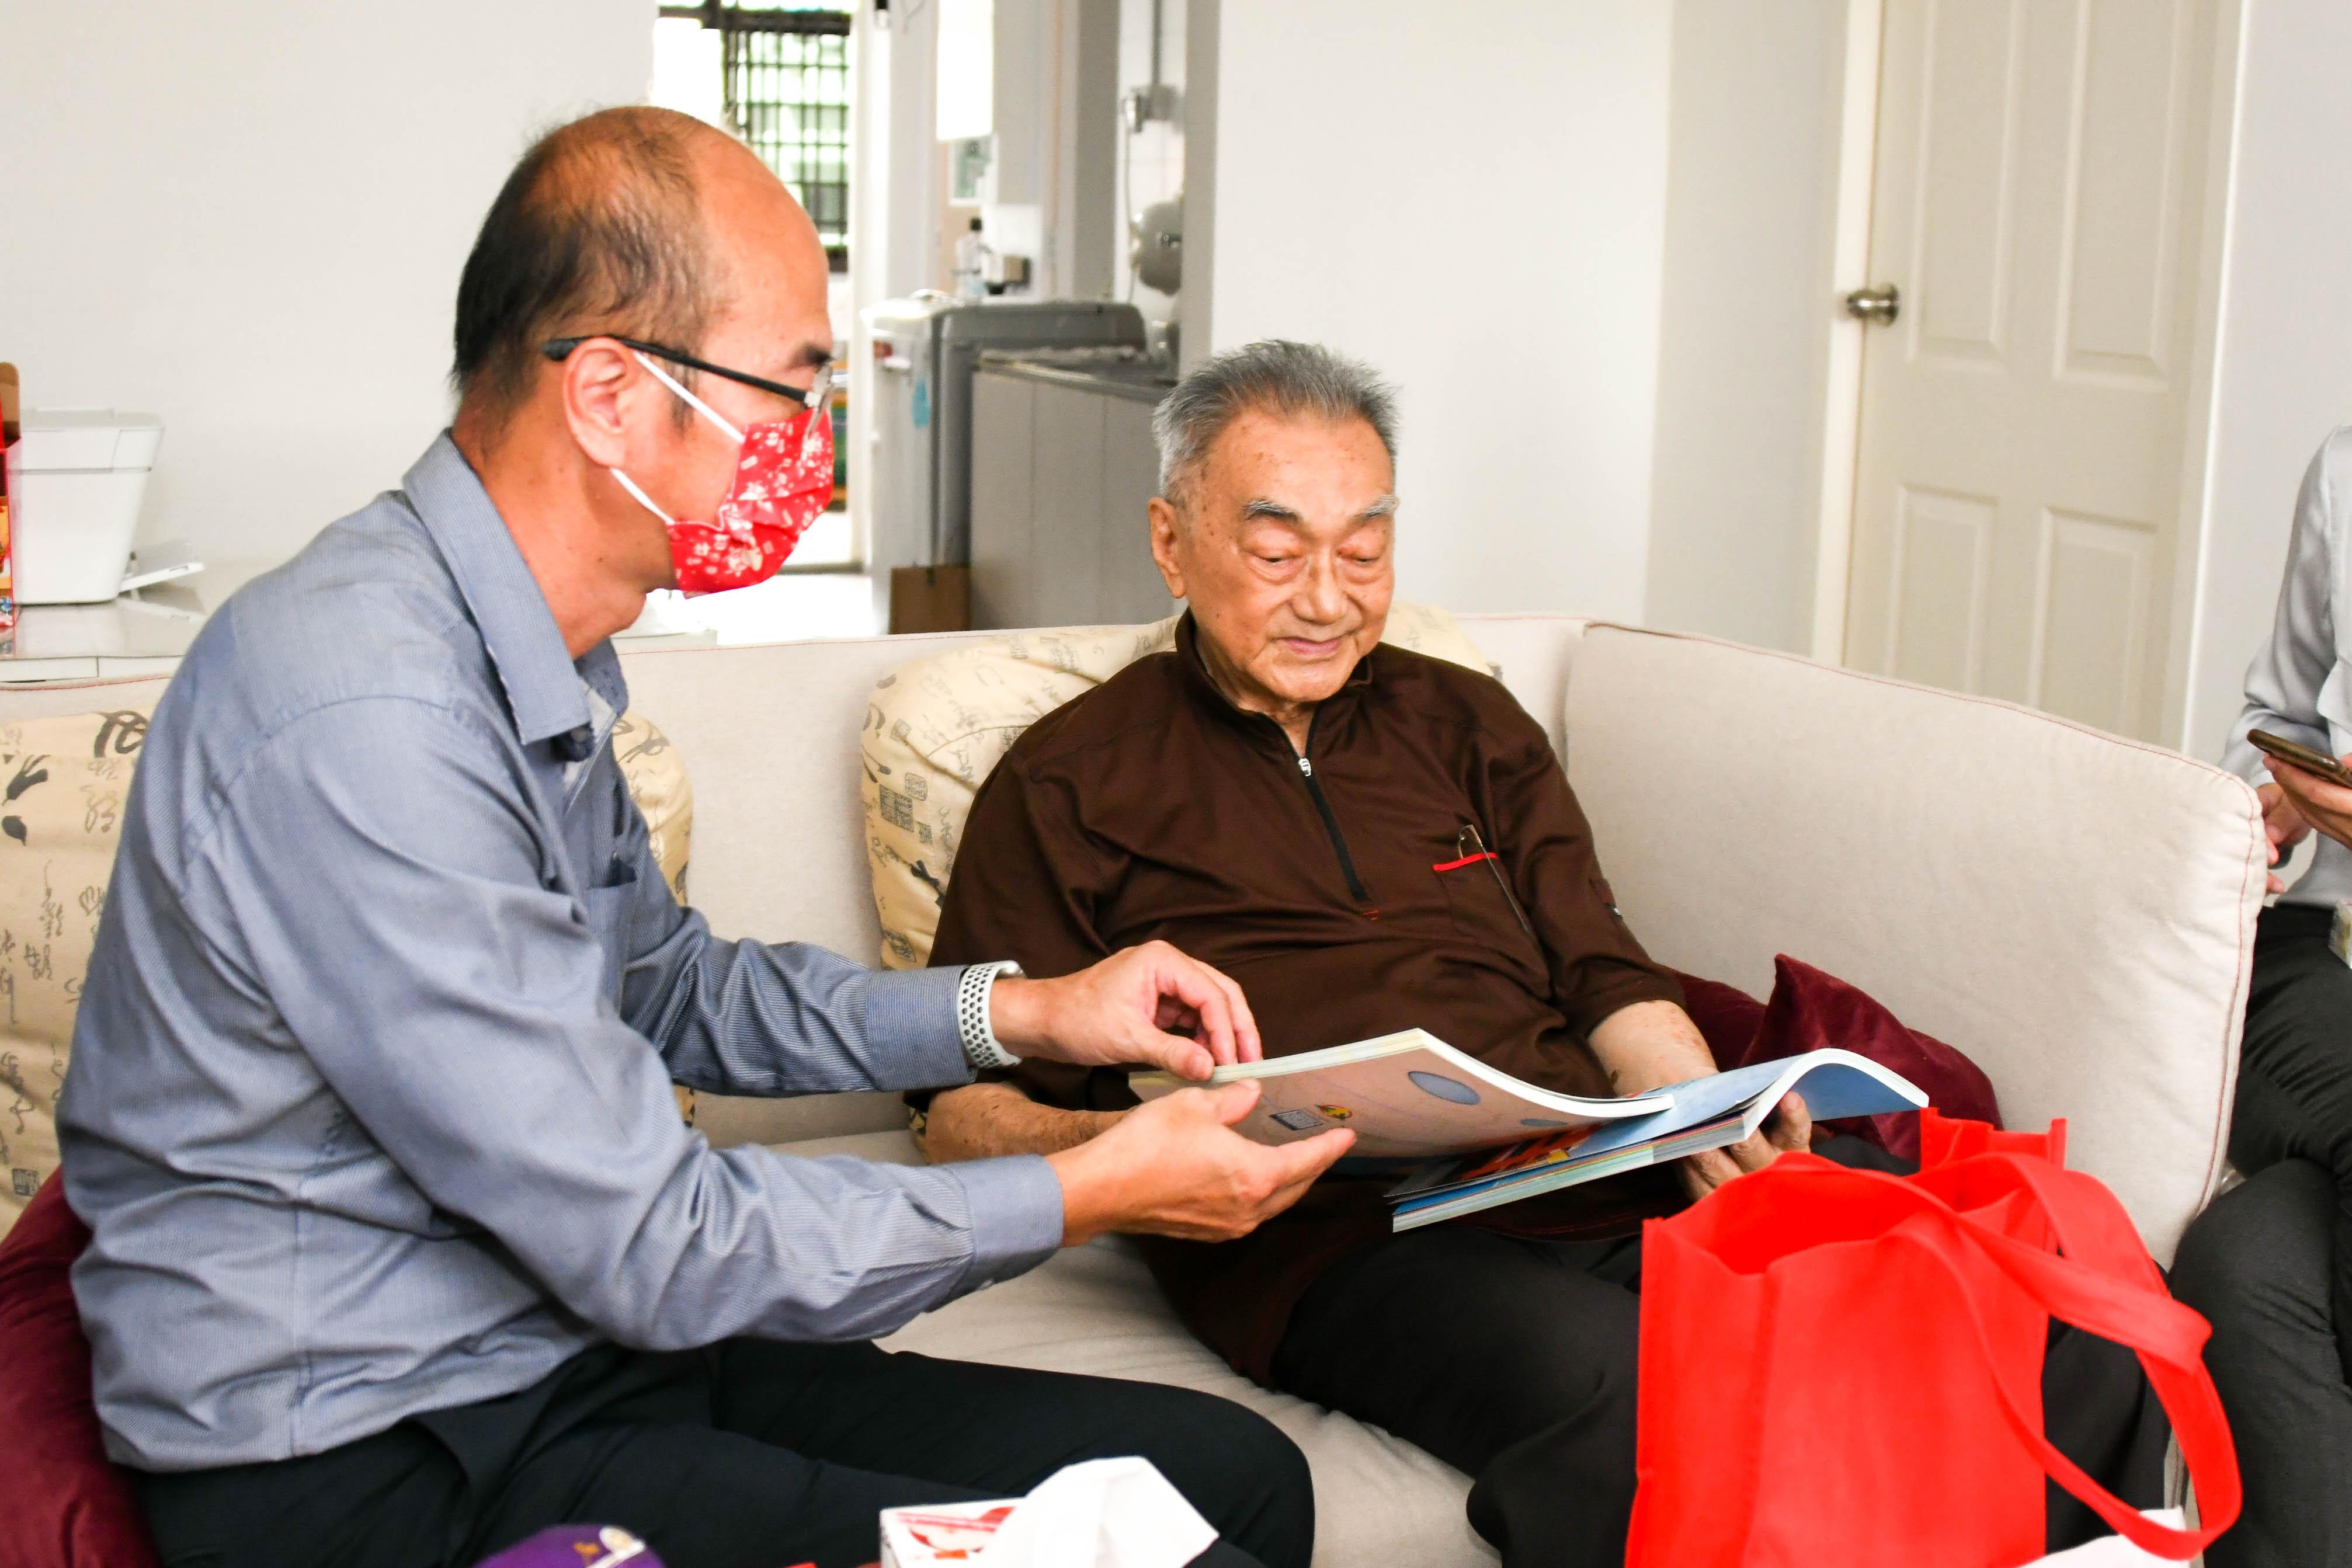 林校长向老校长介绍培群近期所出版之刊物。